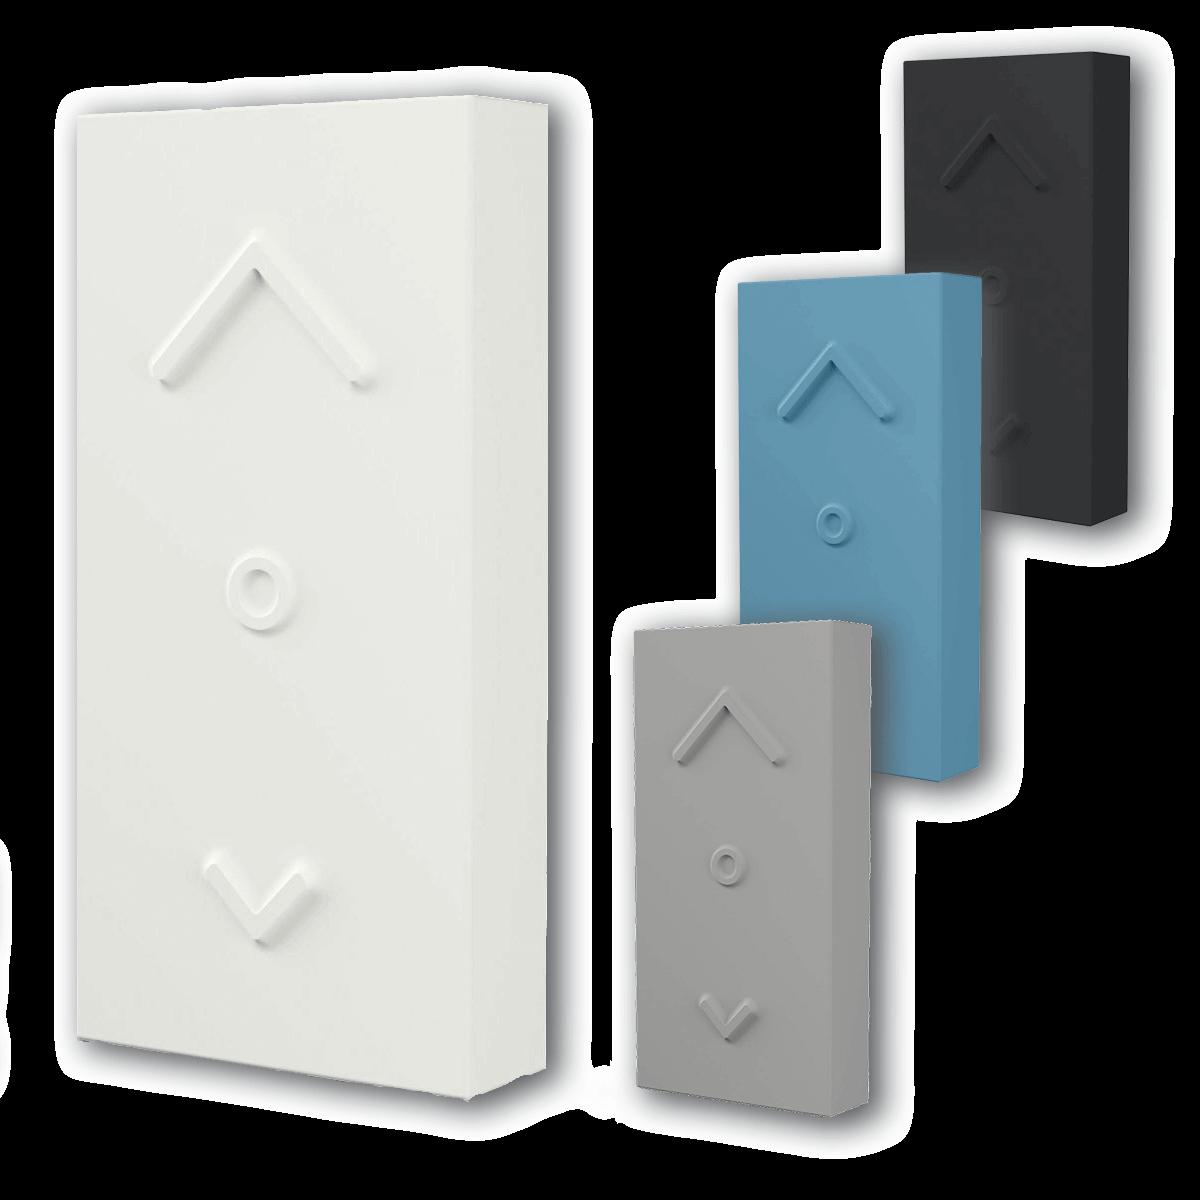 Osram Smart+ Switch Mini in Weiß, Blau, Grau, Schwarz | Fernbedienung & Funk-Lichtschalter | ZigBee